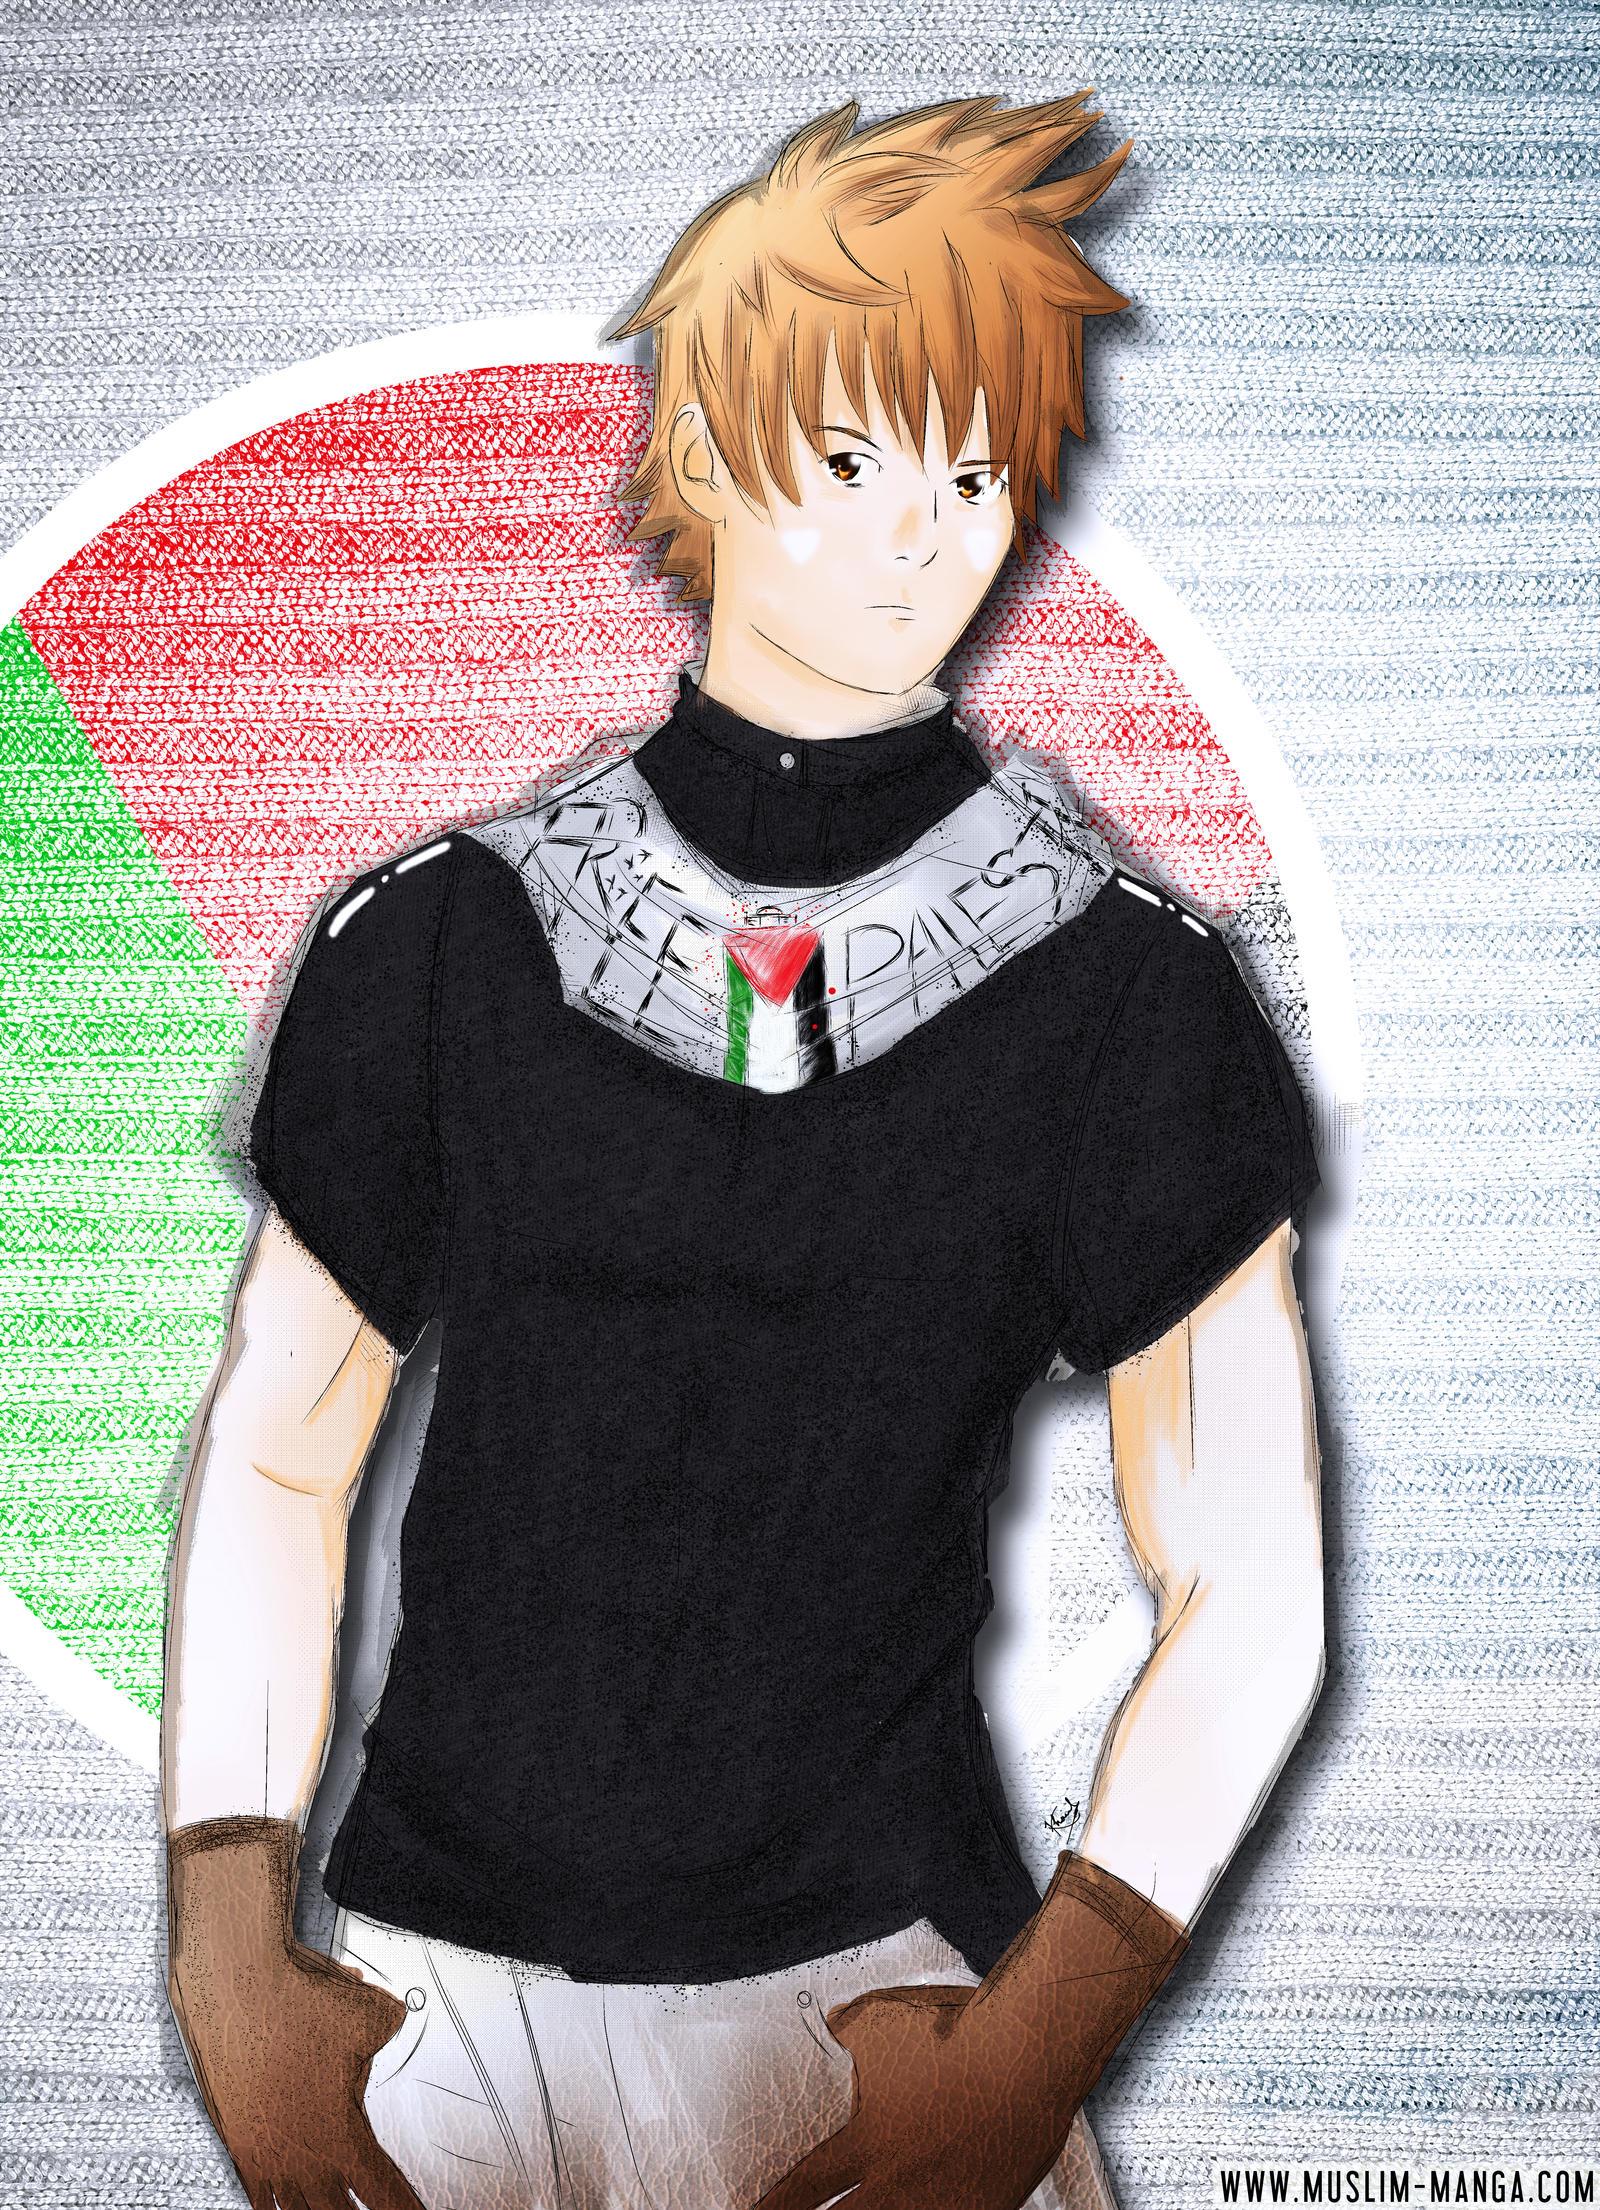 Tsubasa Li - Supporting Freedom